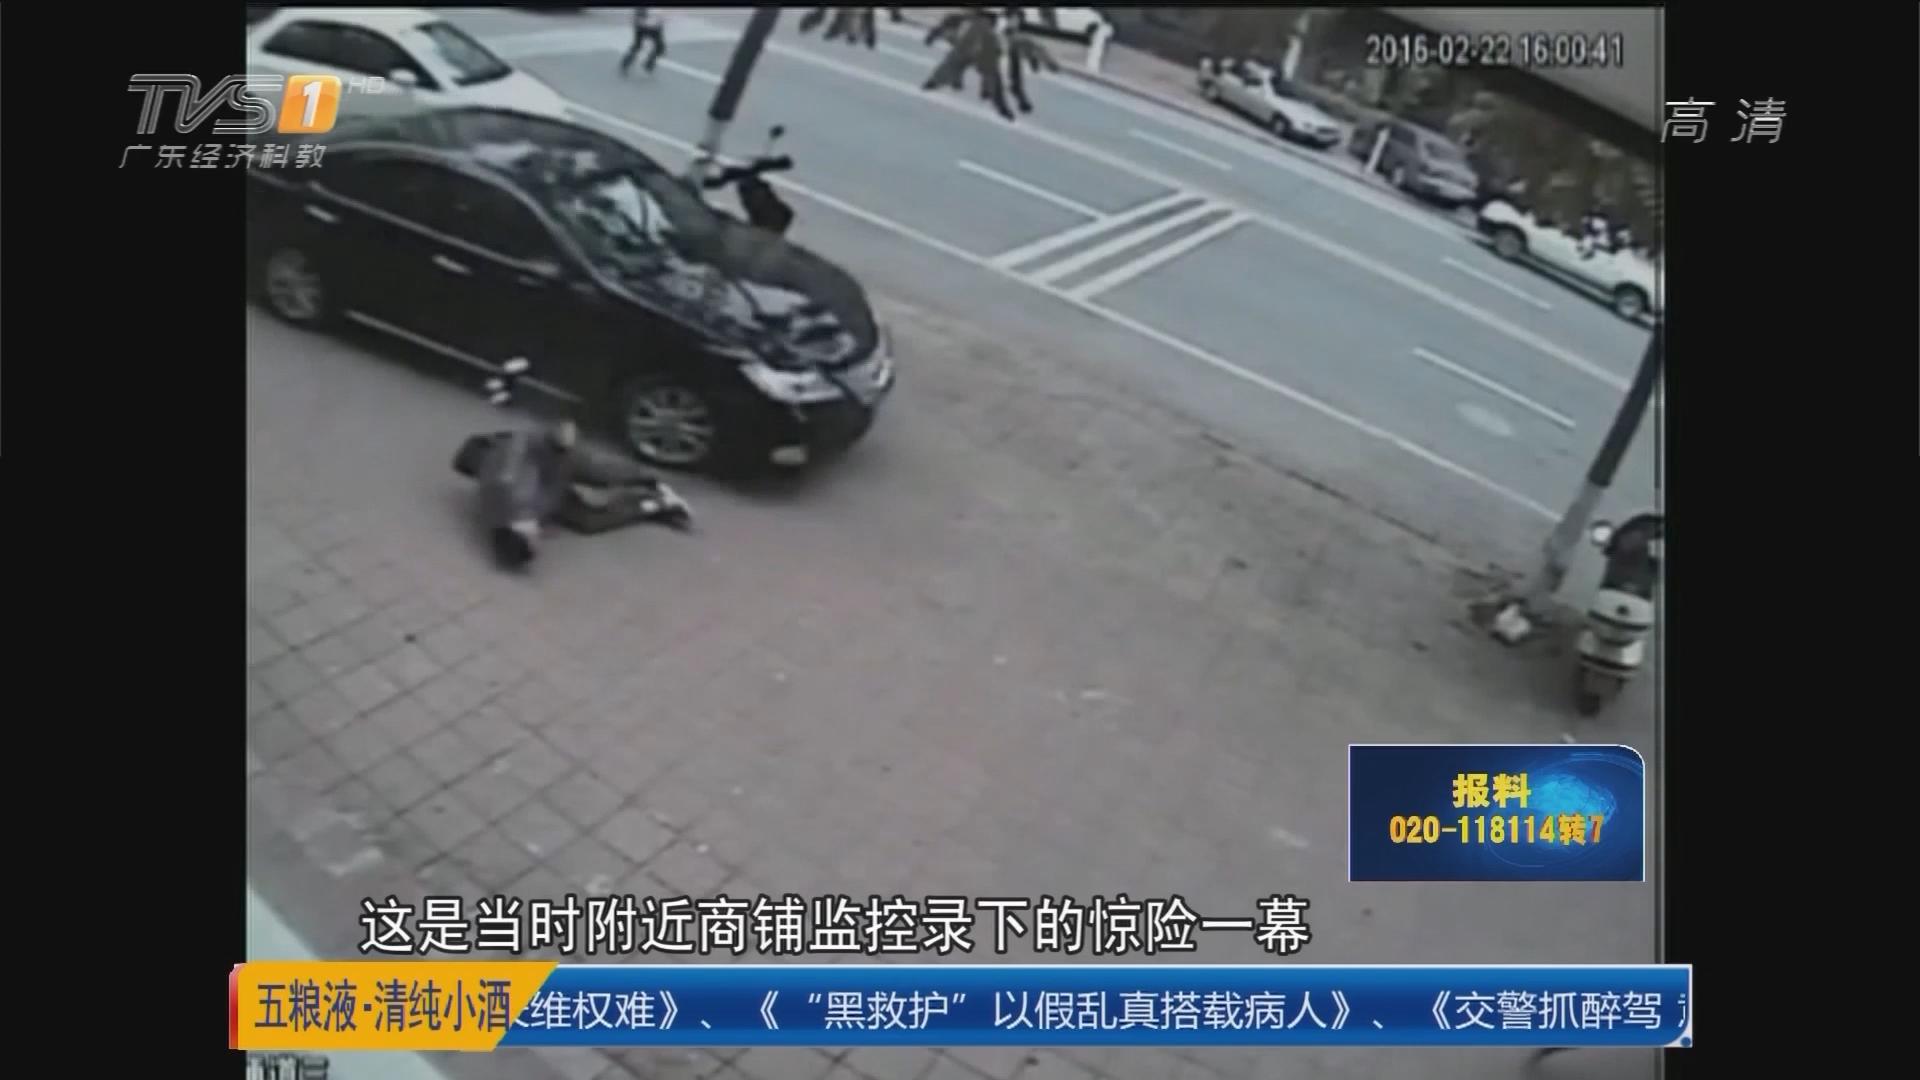 创建平安广东:汕头 猖狂蟊贼砸车盗窃 警方设伏围捕